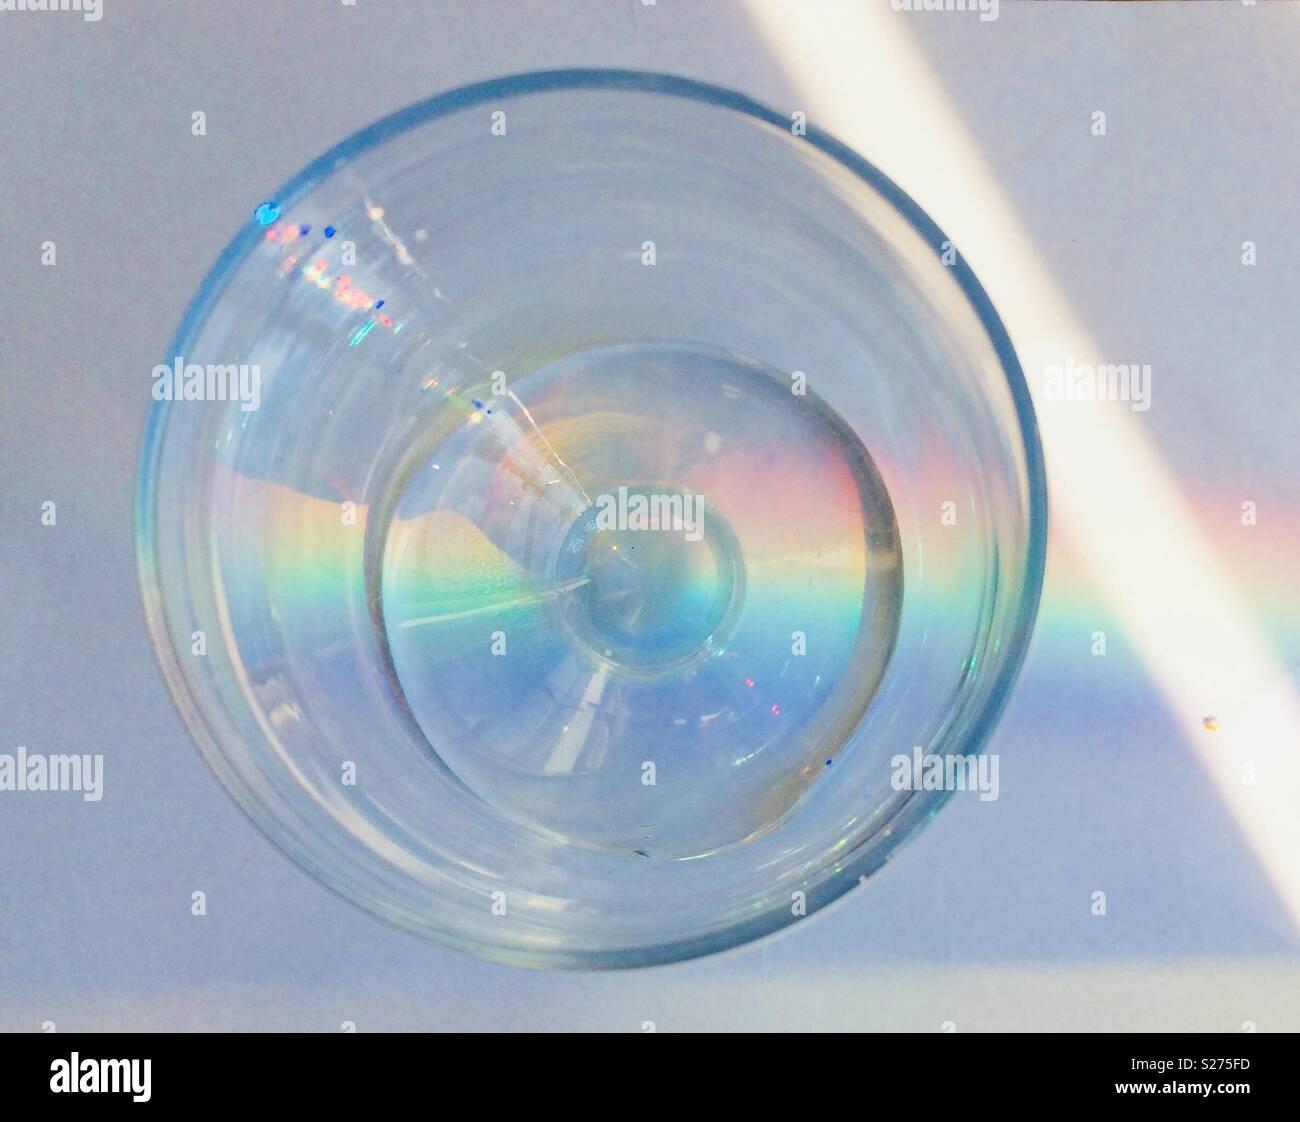 La réfraction arc-en-ciel de verre Photo Stock